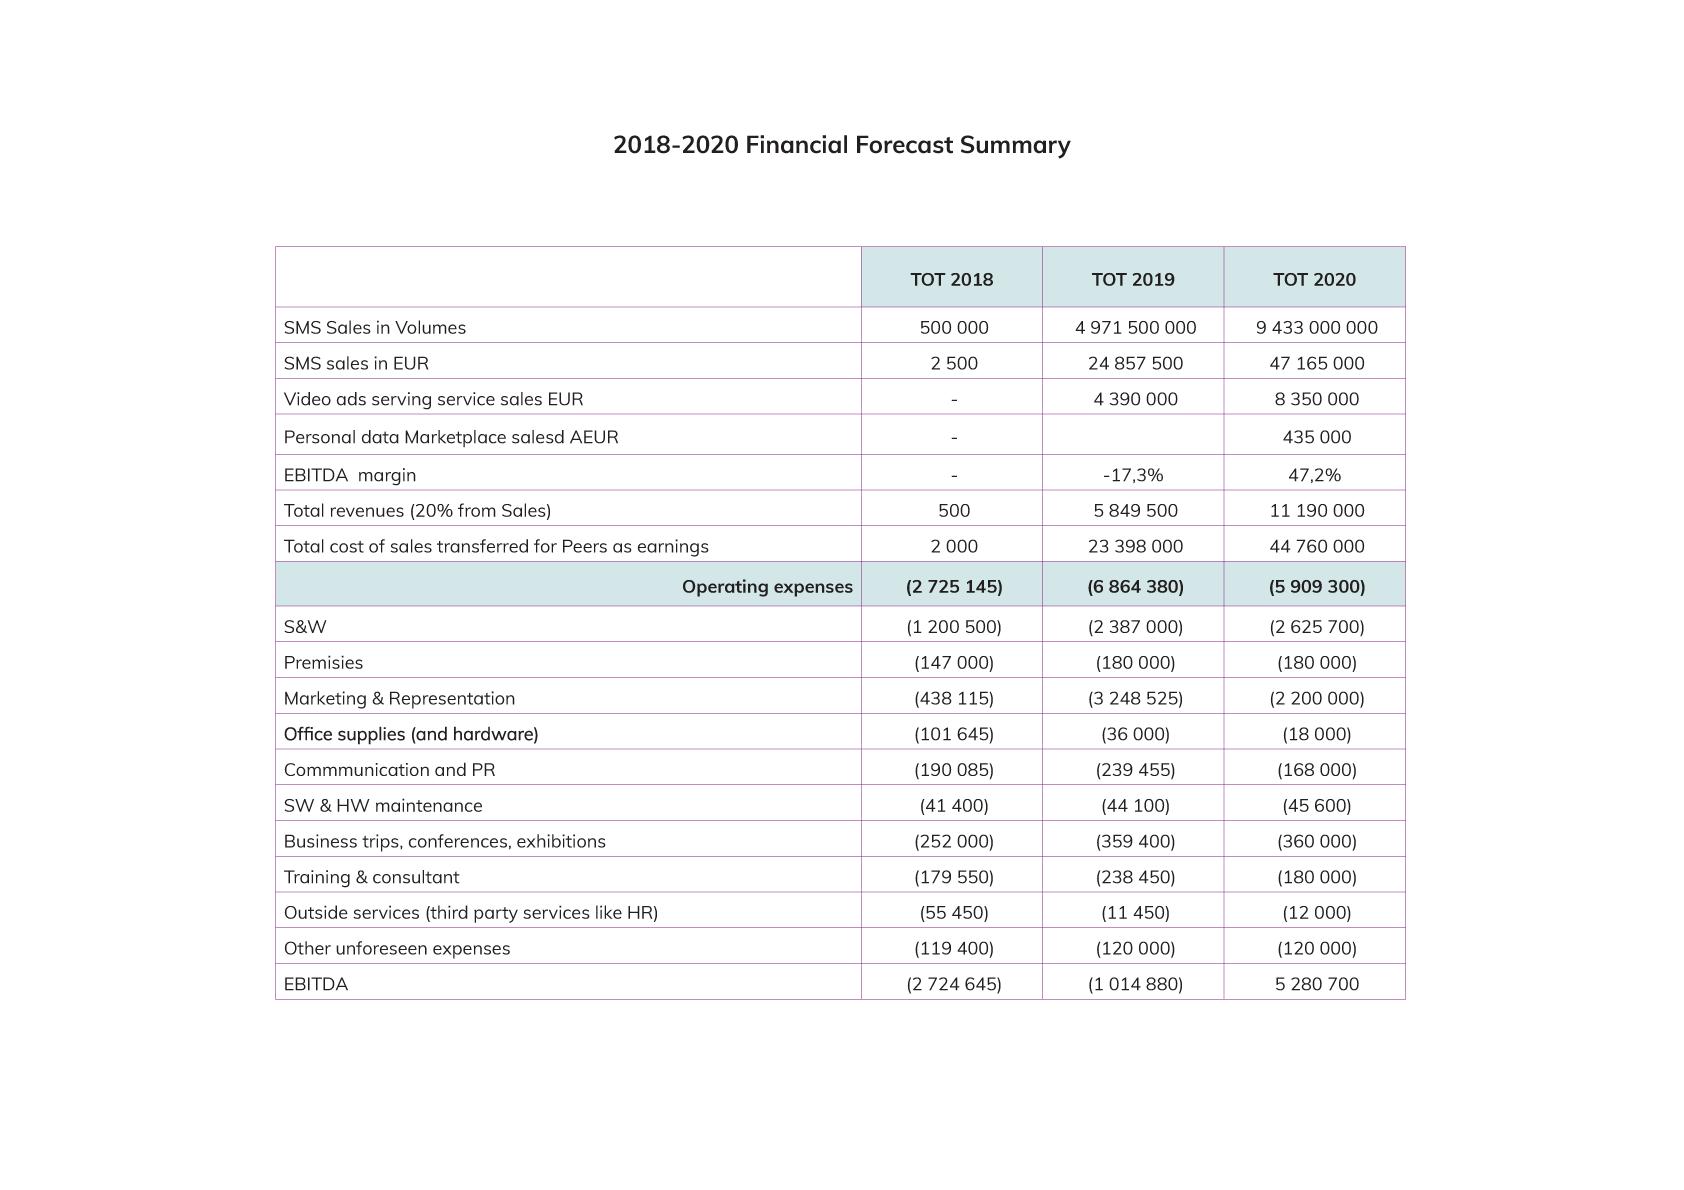 Birdchain Finances 2020